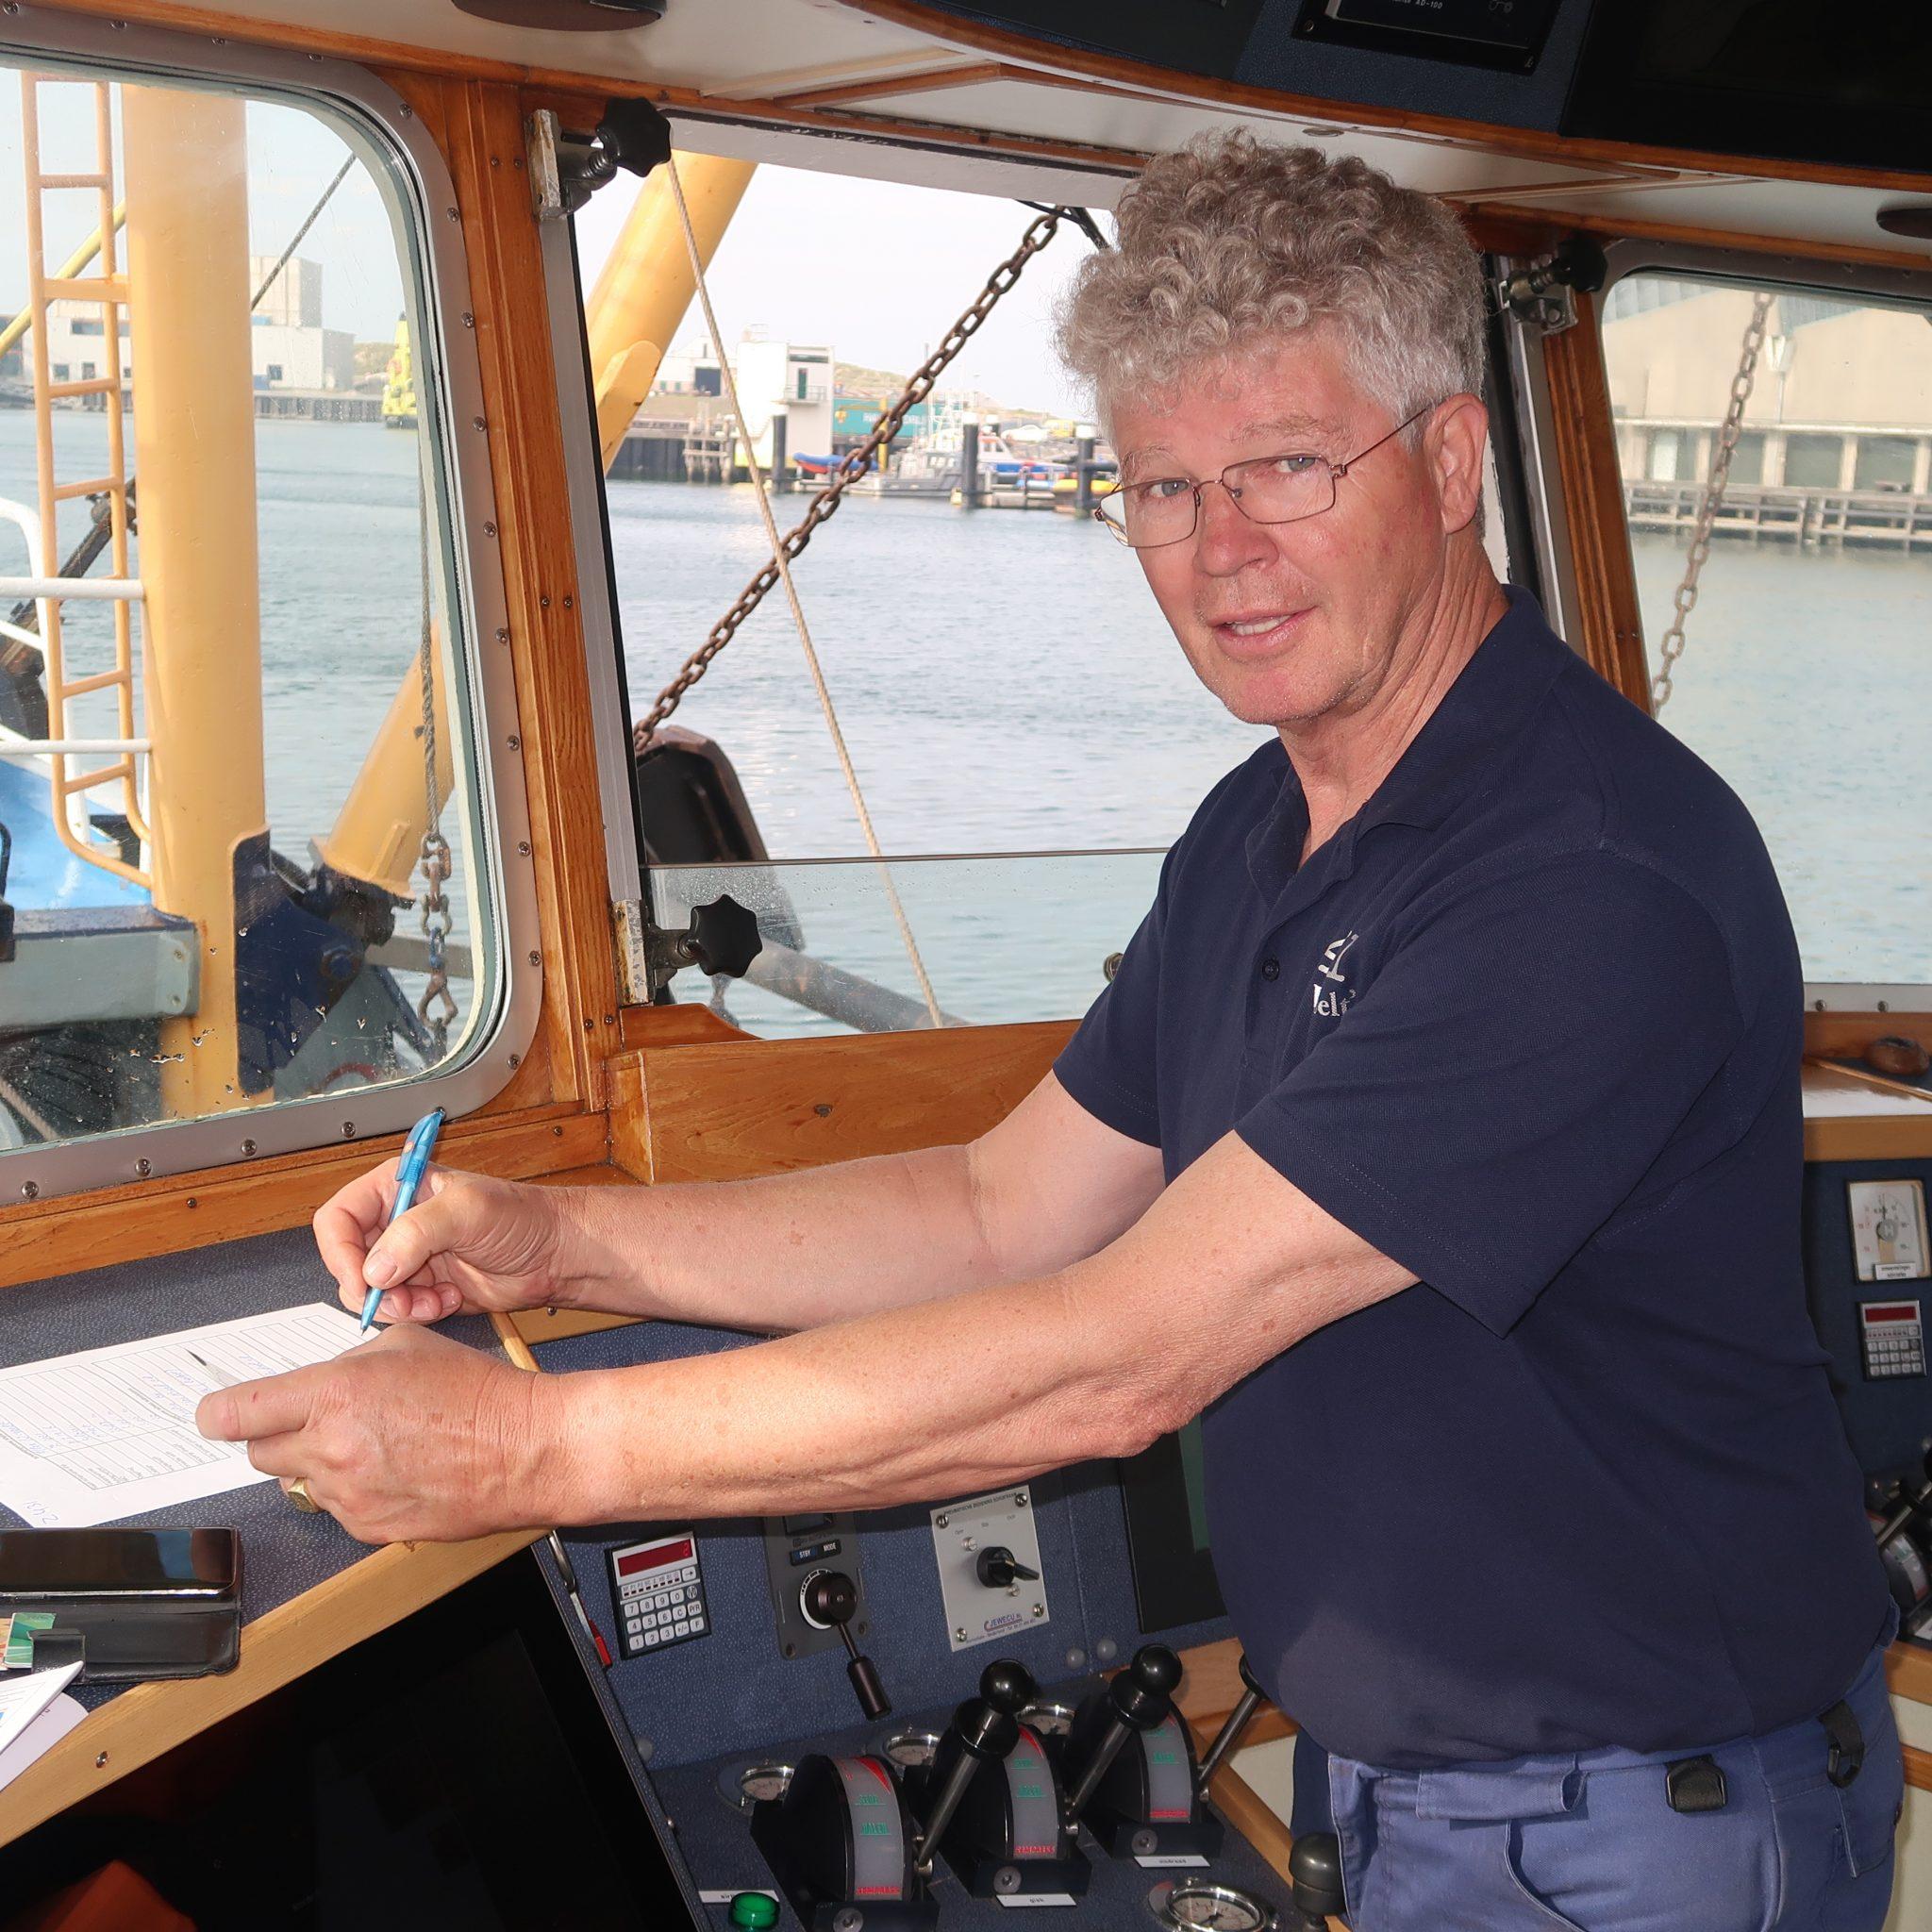 Danny Bout van de Z-431: 'Ik mag wel zeggen dat we ingeburgerd zijn in Oostende.' (Foto W.M. den Heijer)